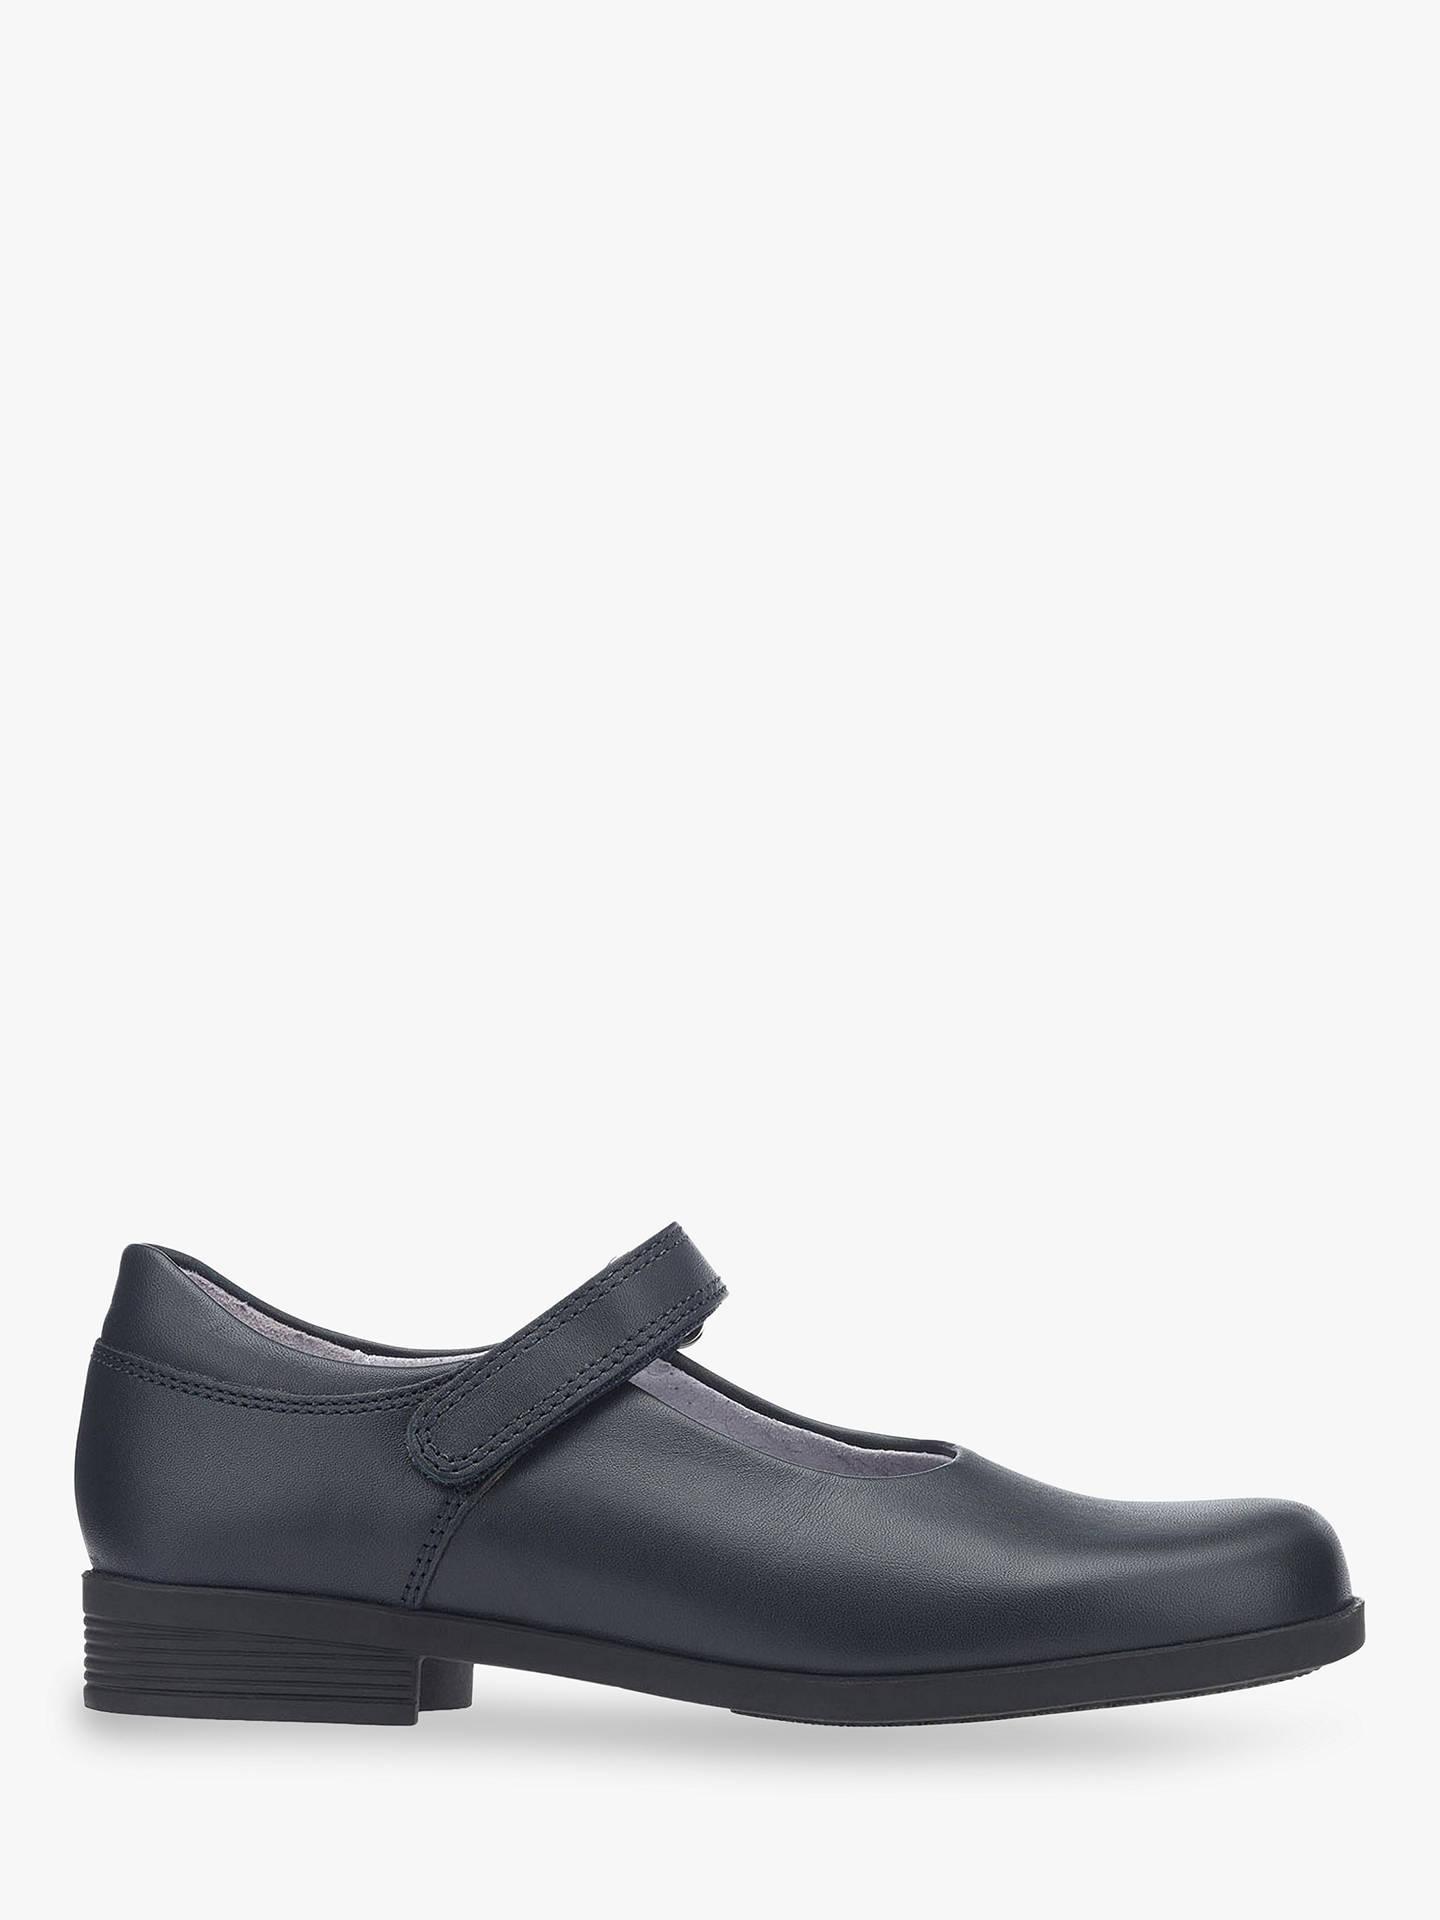 394b24d862c74 Buy Start-rite Children's Samba Shoes, Navy, 13E Jnr Online at johnlewis.